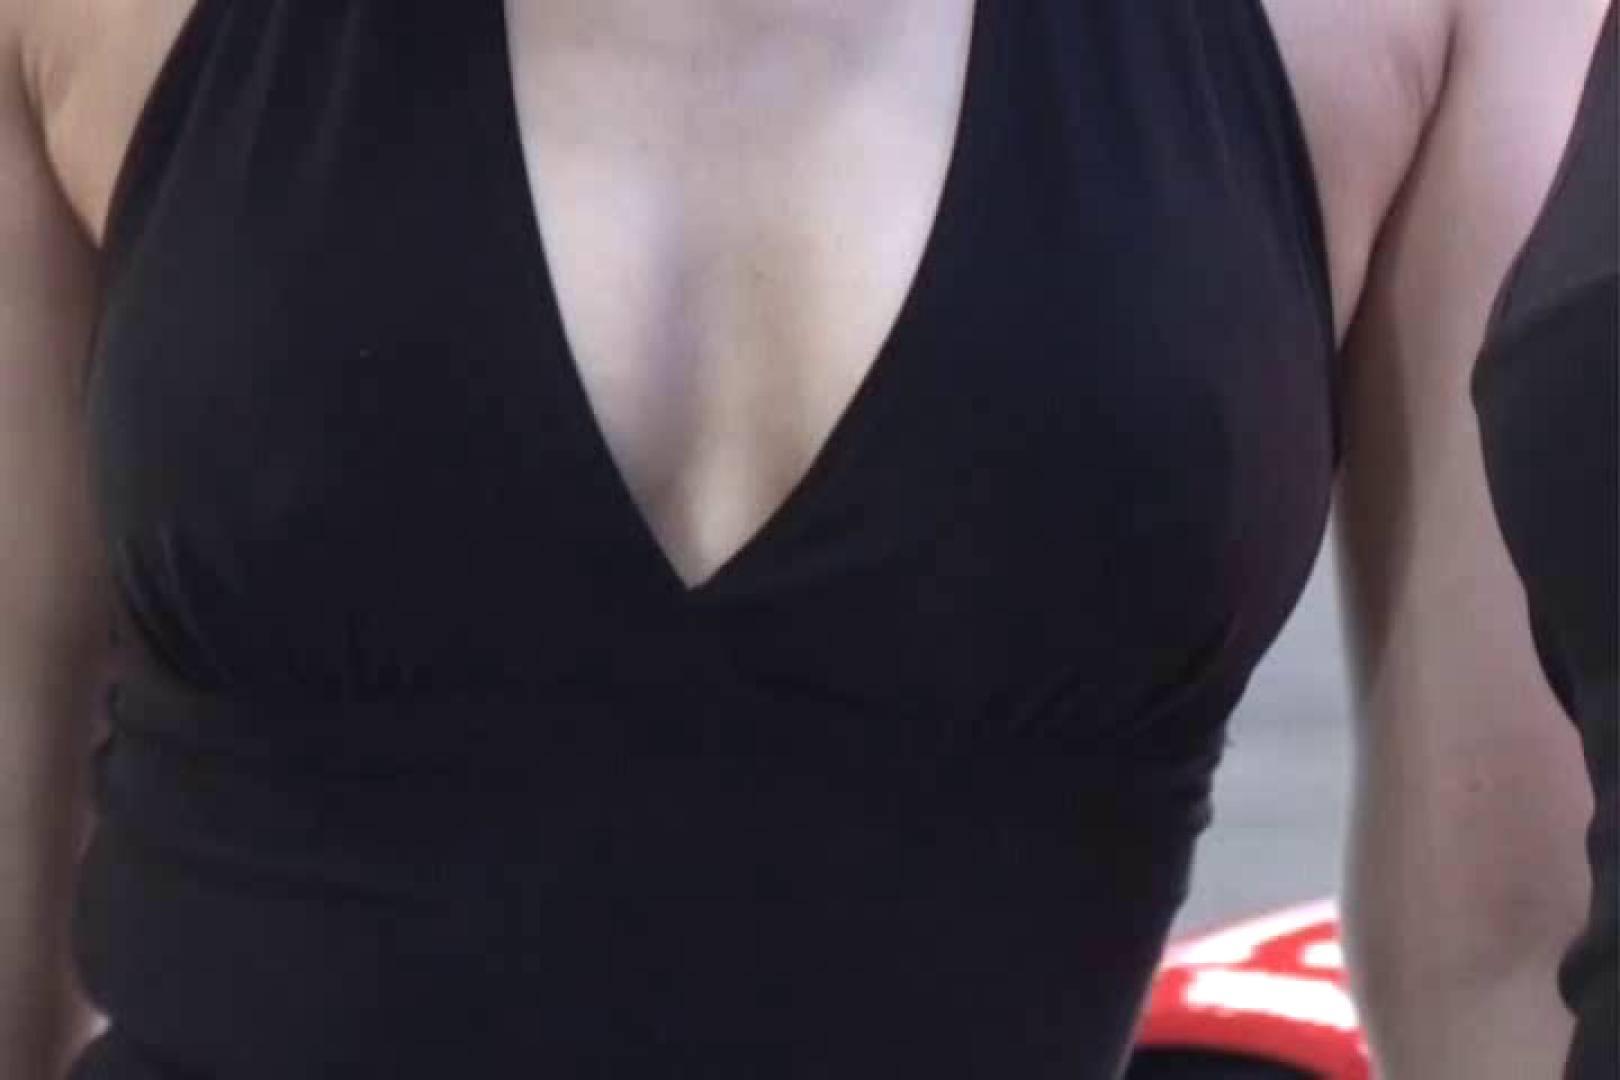 胸チラはもらった~!!胸元争奪戦!!Vol.2 胸チラ   OLセックス  73画像 49